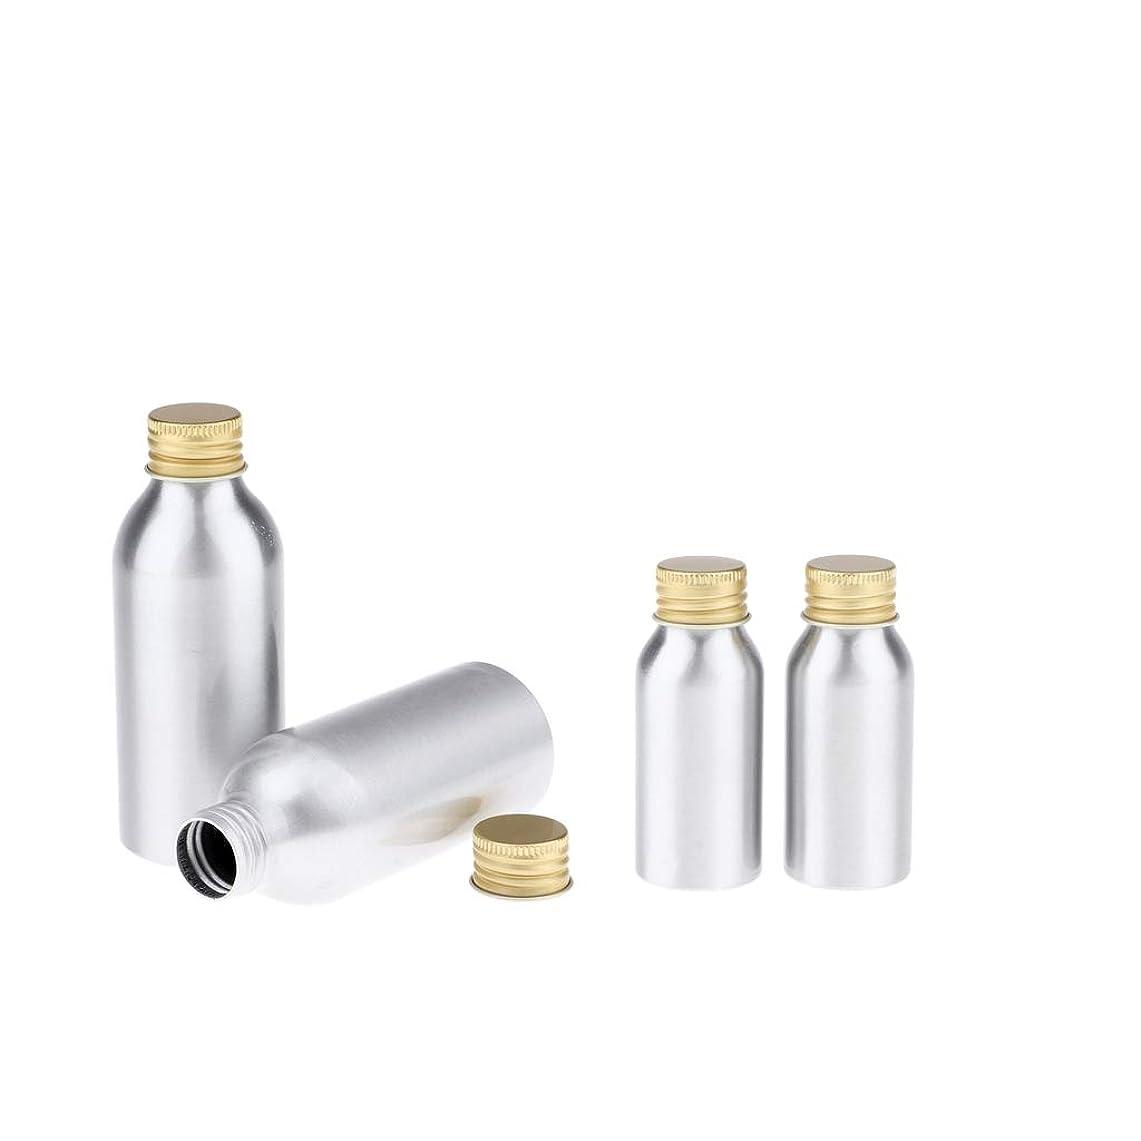 アシストおとうさんレールPerfeclan 全4点 アルミボトル 空のボトル 収納コンテナ 詰め替え容器